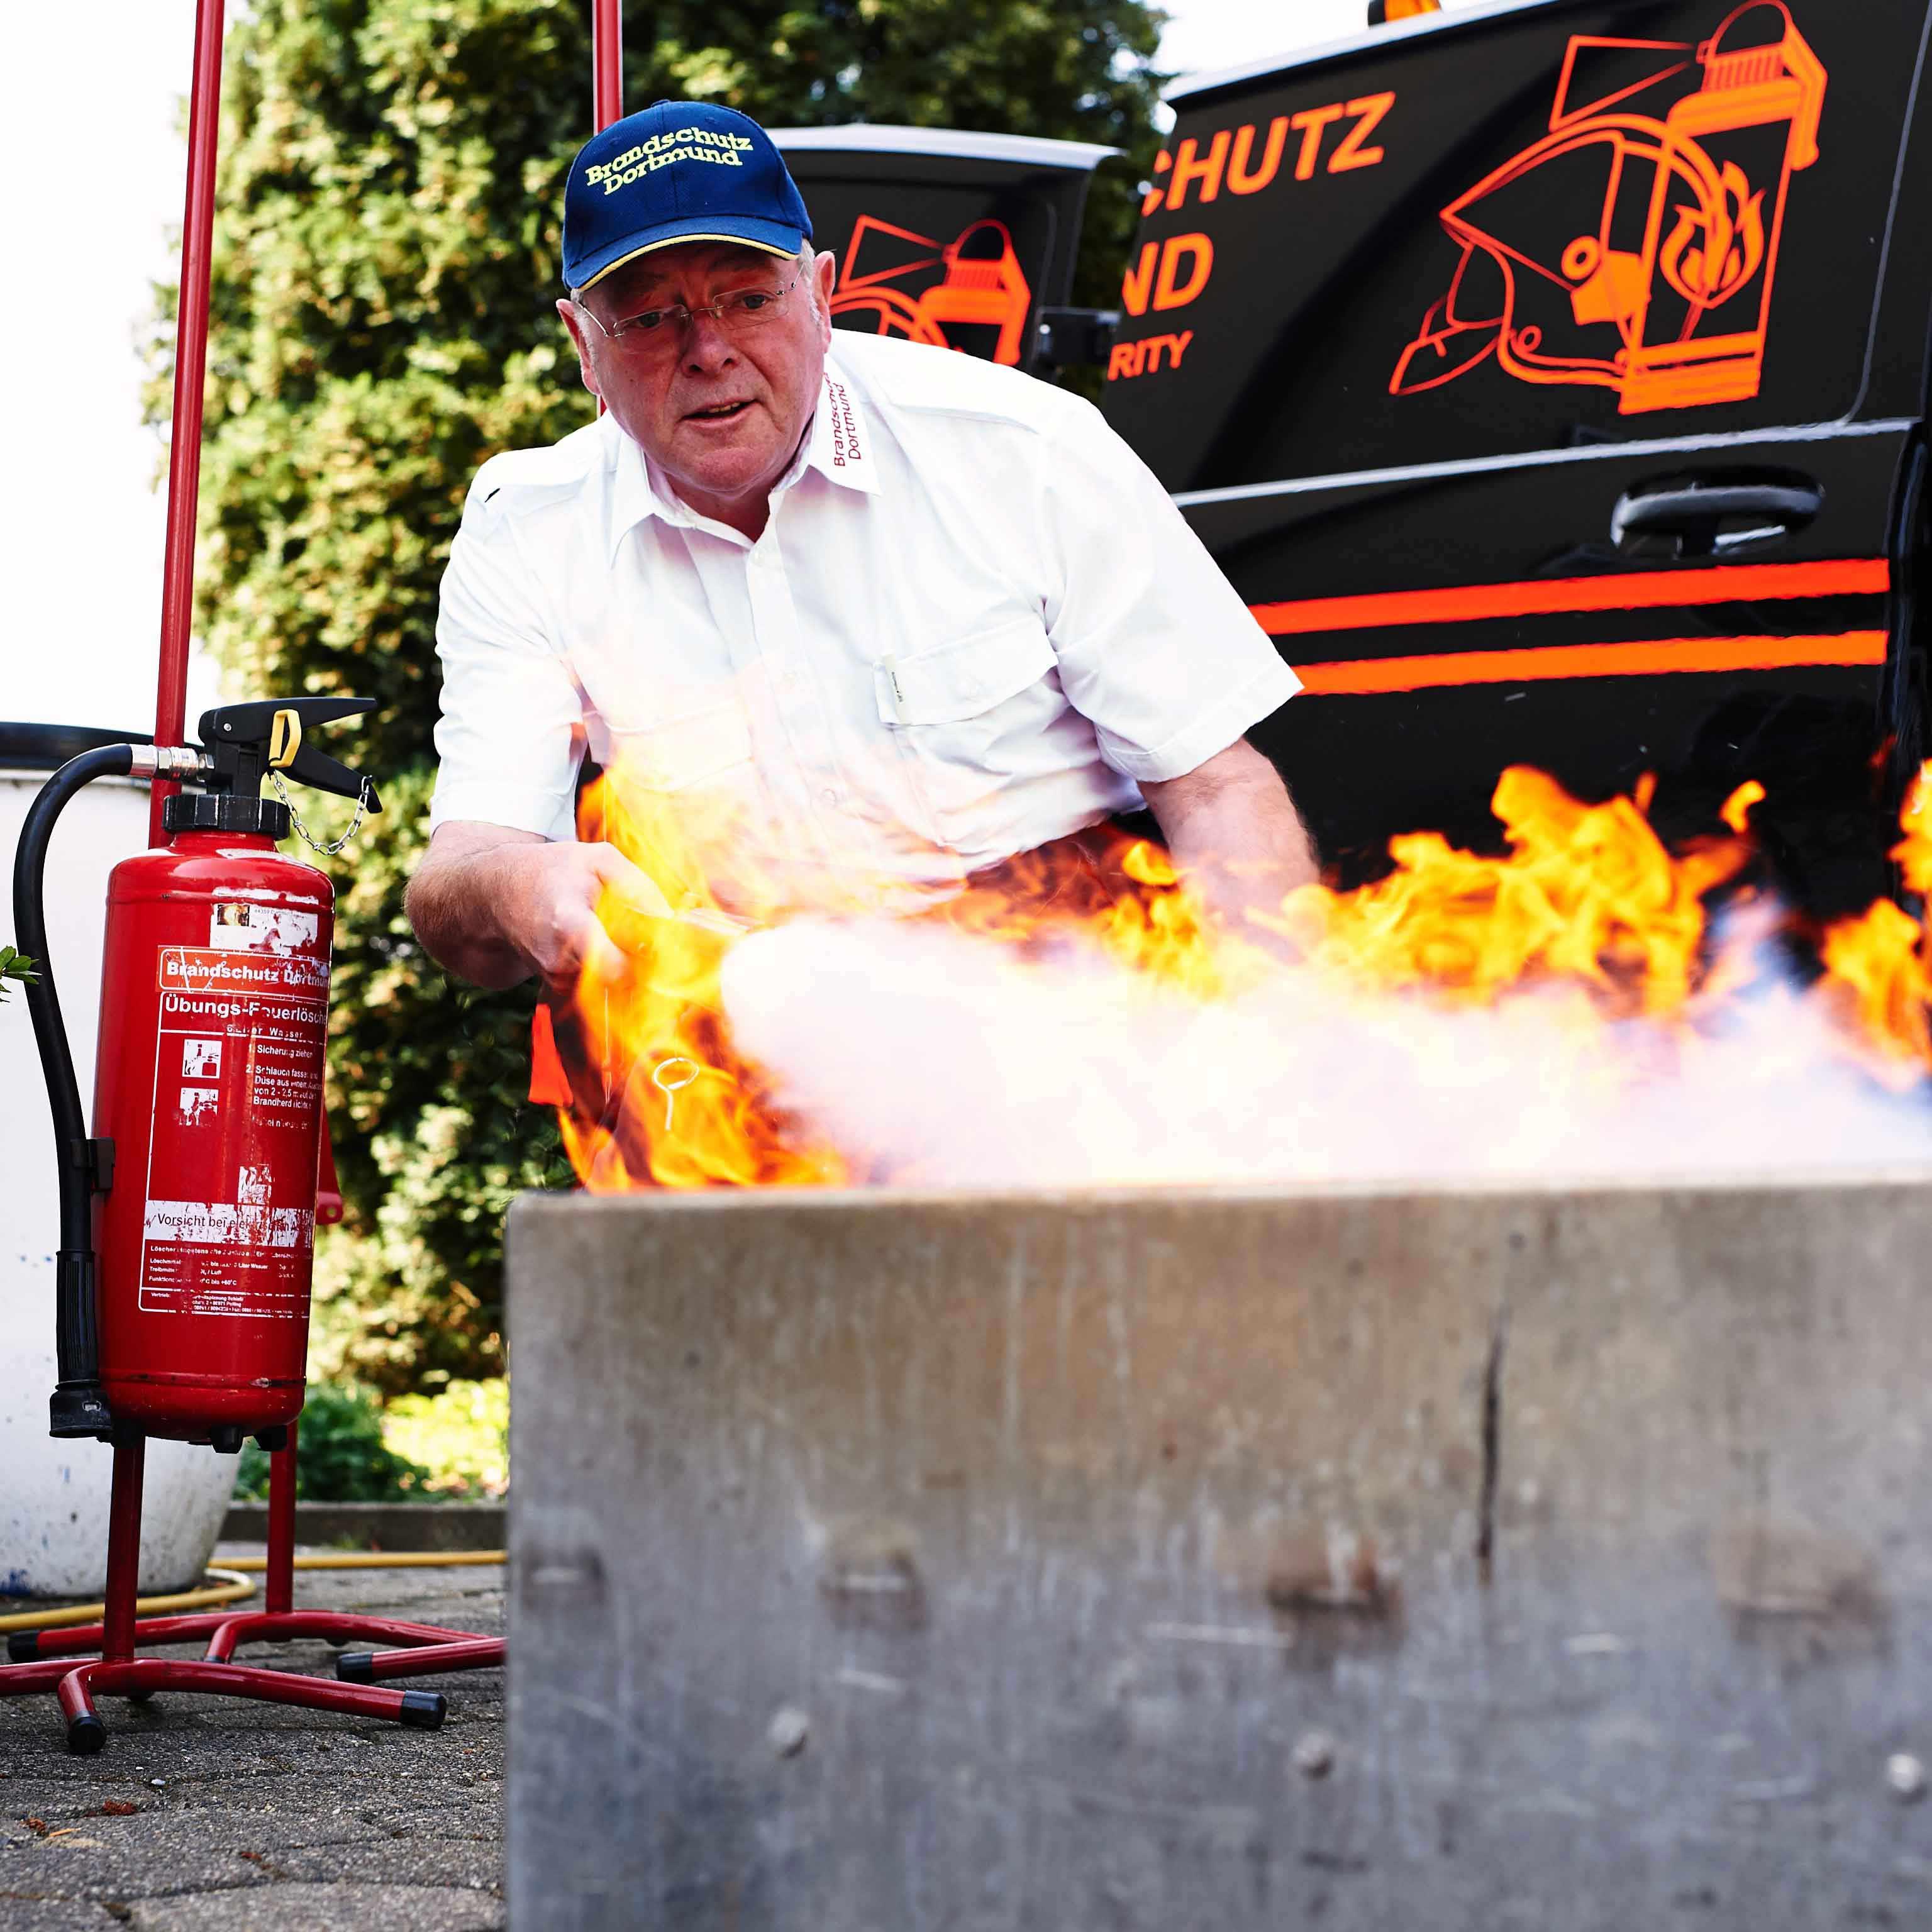 Brandschutz Dortmund Karl-Heinz Sprigade | mobile Bandschutzprävention & Management | Brandschutzhelfer | Evakuierungshelfer | Brandschutzkonzepte | Brandschutzerziehung sowie Übungen und Trainings schon von Klein an (Kindergeburtstag)